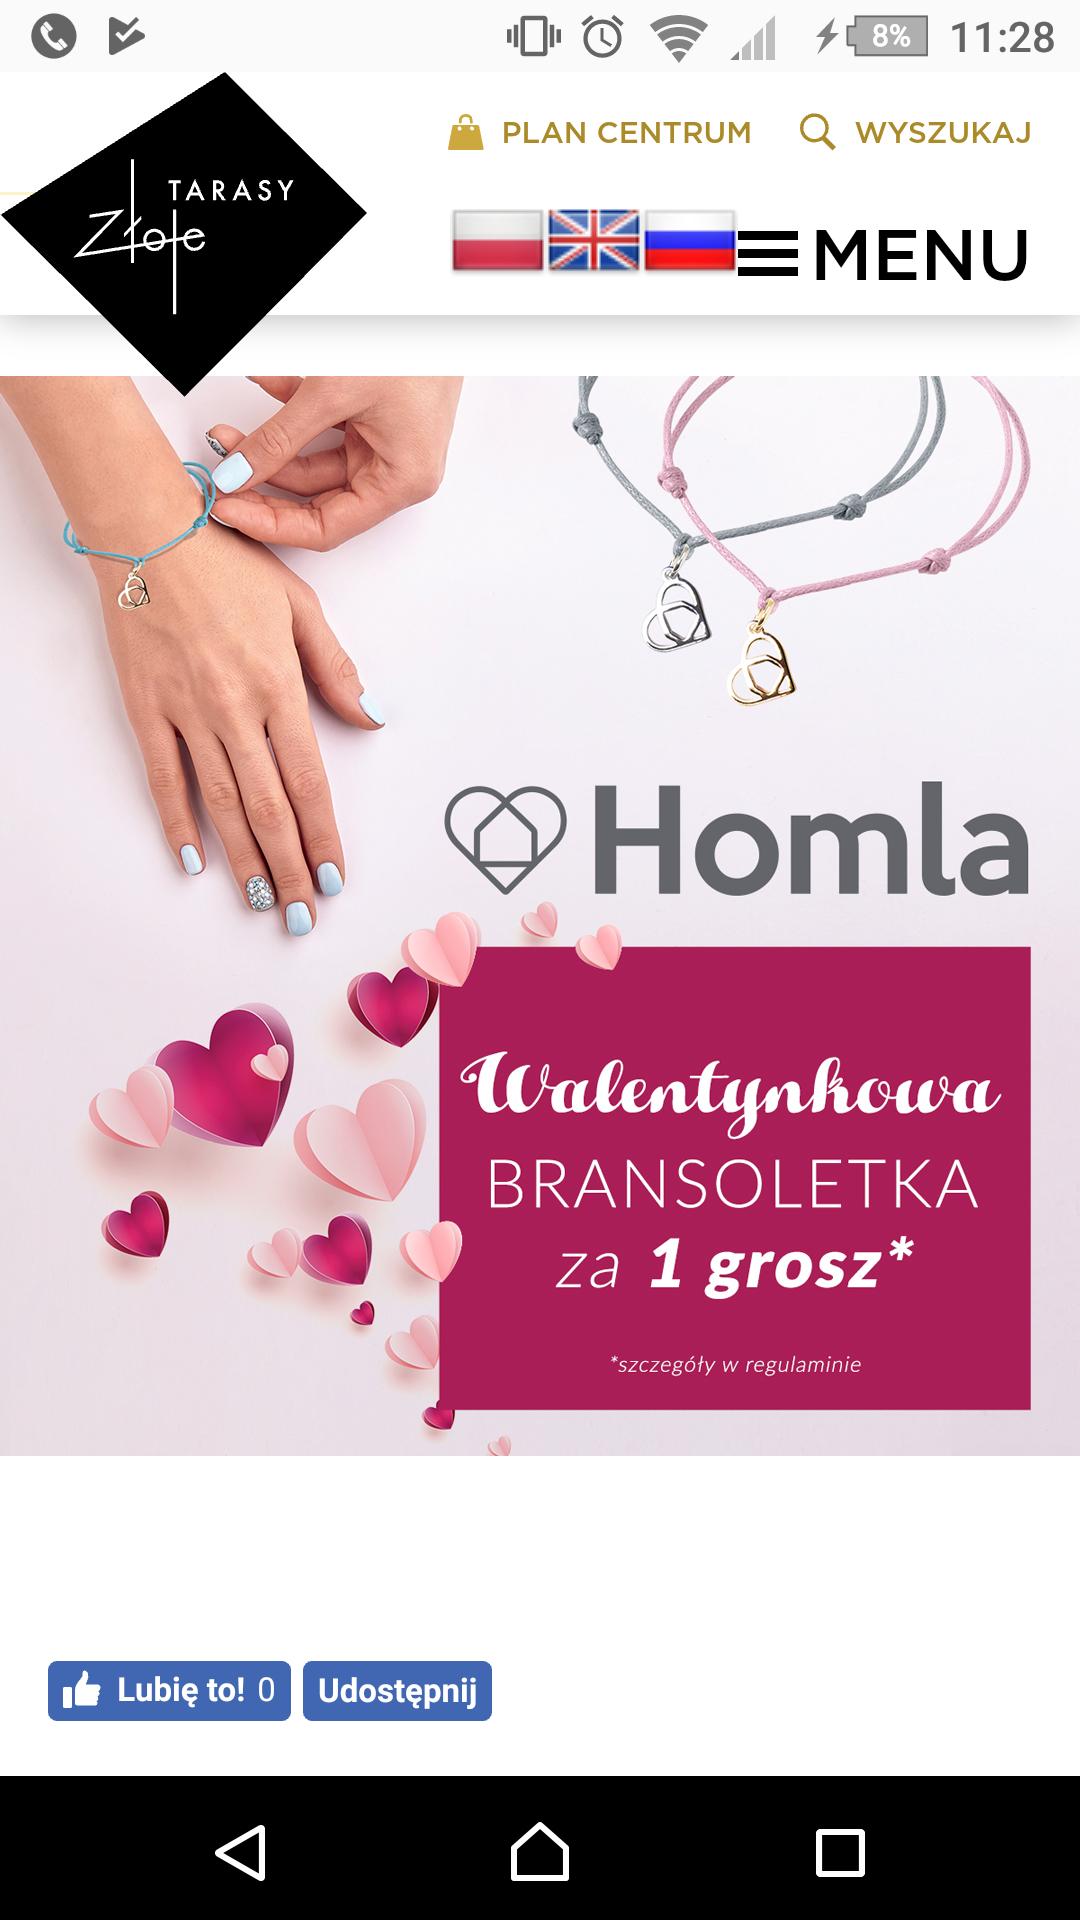 Bransoletka walentynkowa za 1 gr. HOMLA Złote Tarasy Warszawa